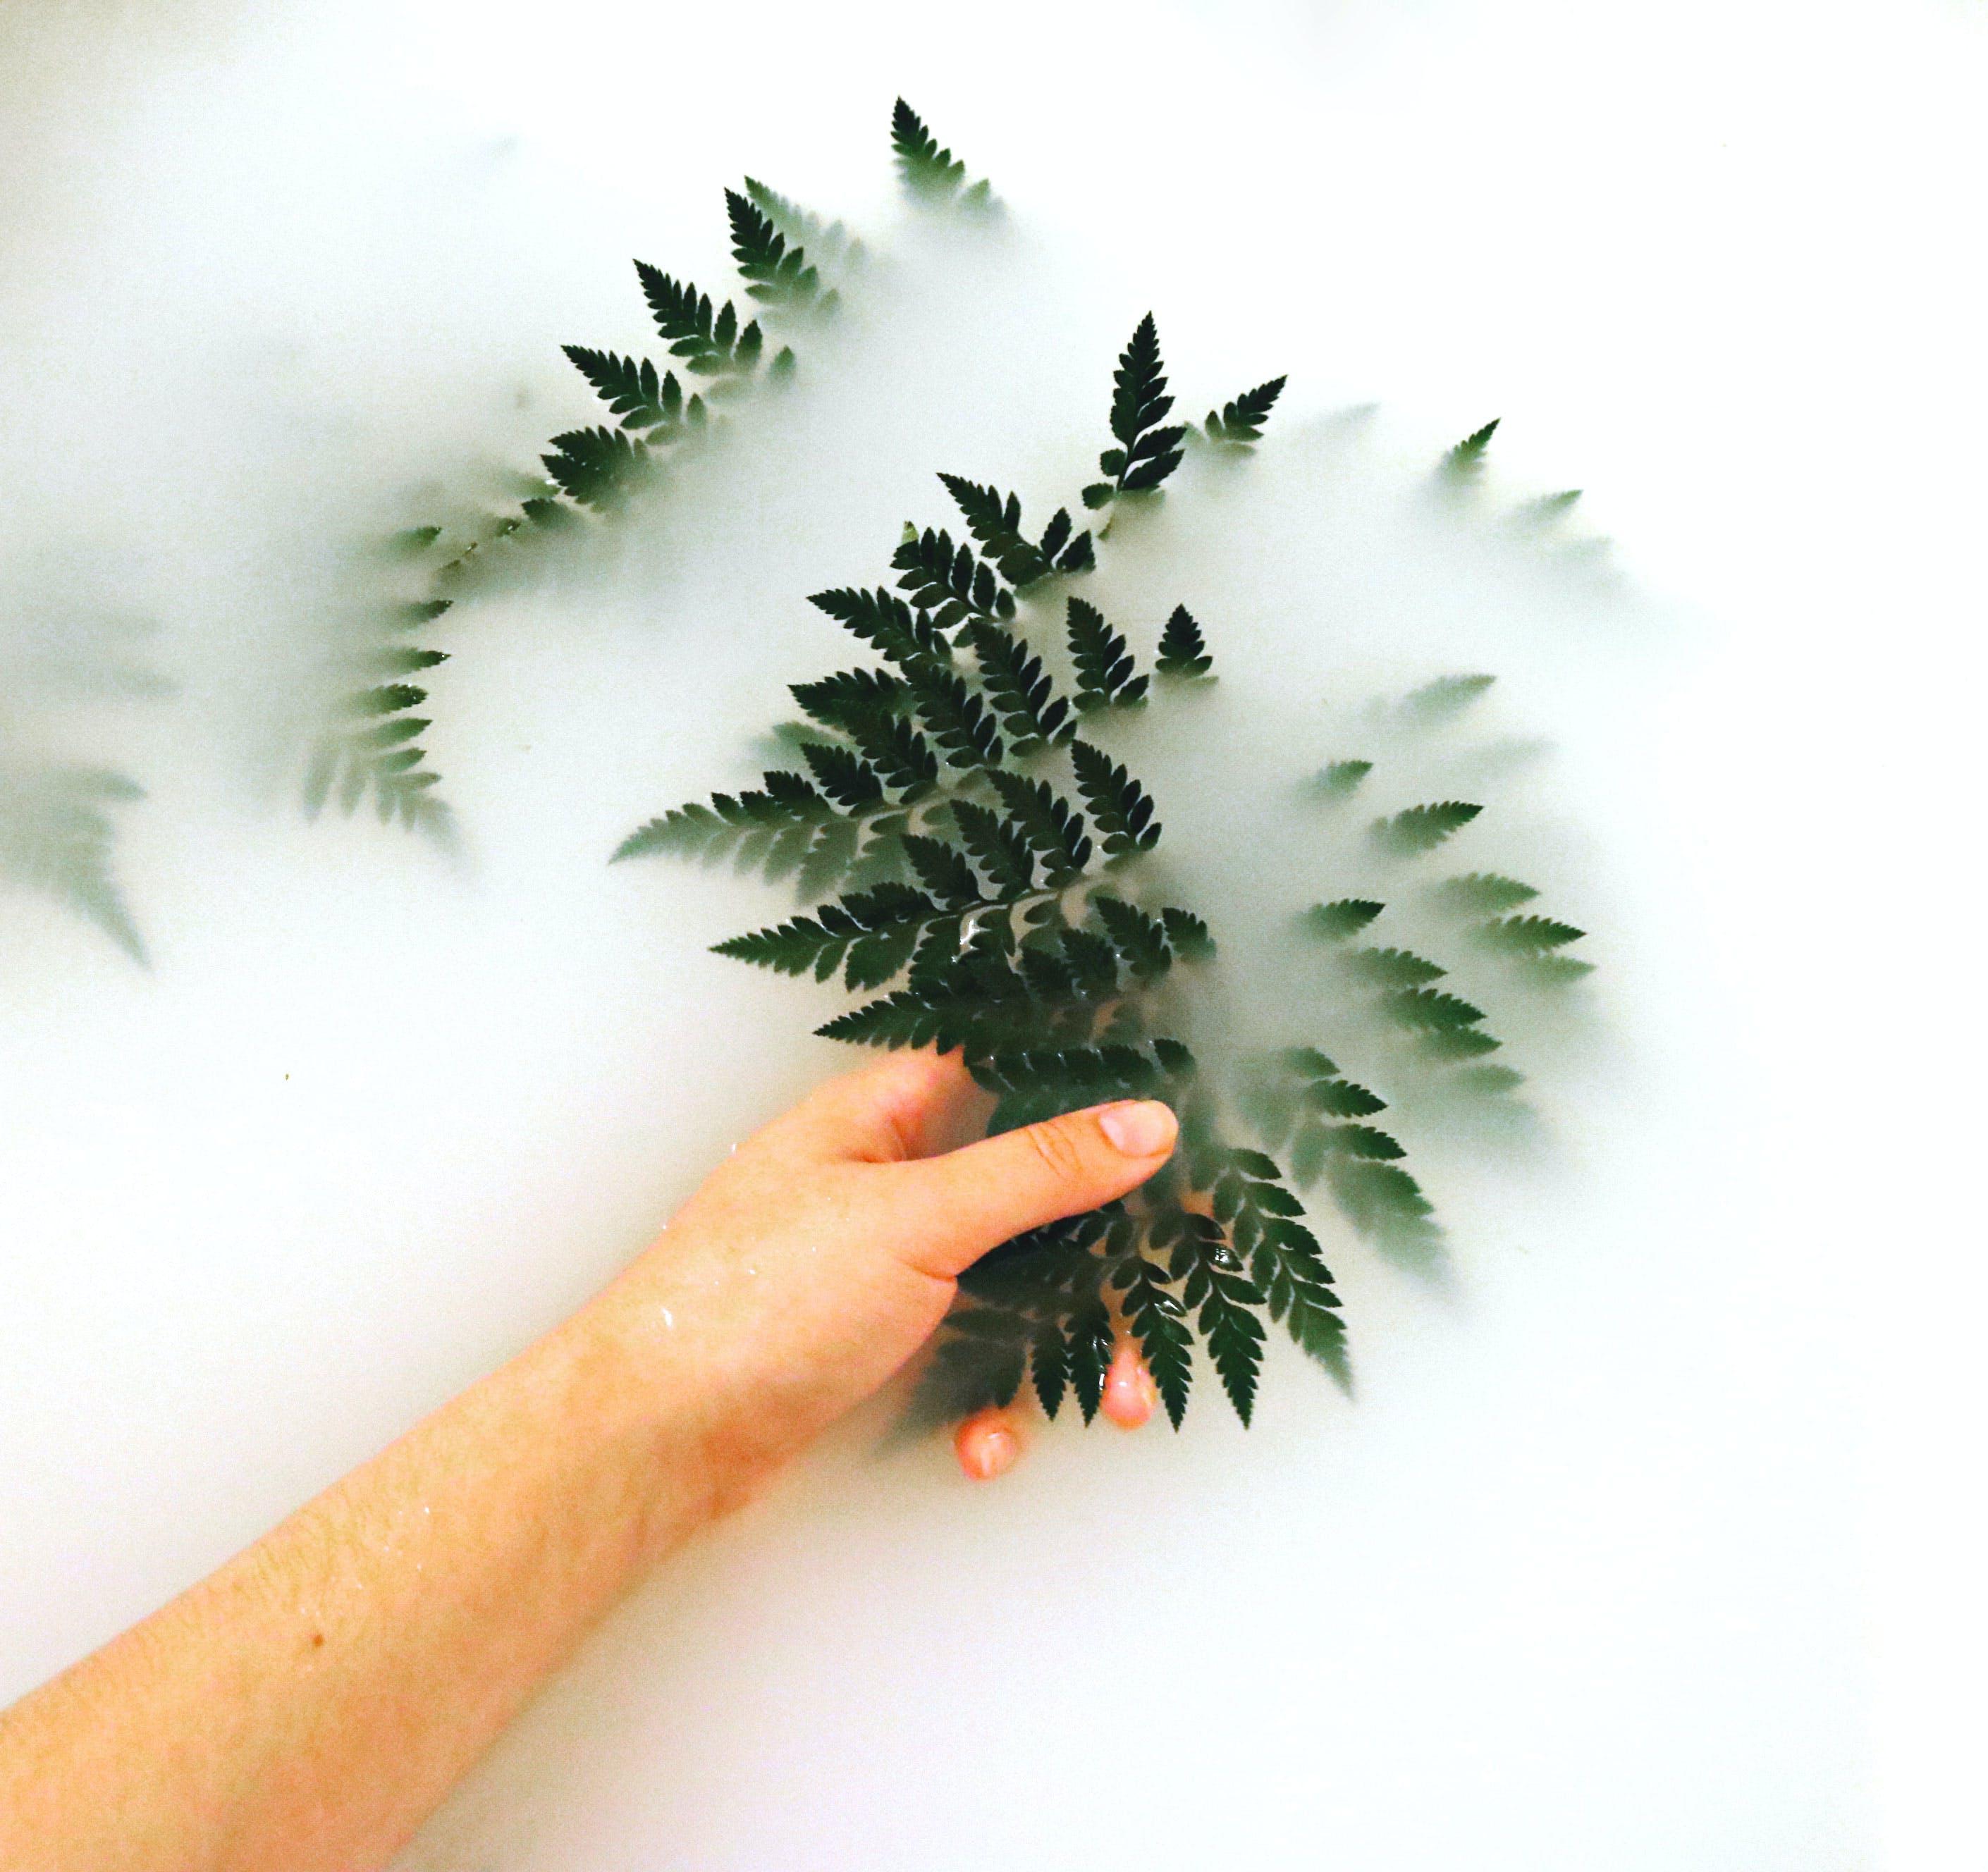 Gratis stockfoto met afzonderlijk, bloemen, de hand van de vrouw, donkergroen